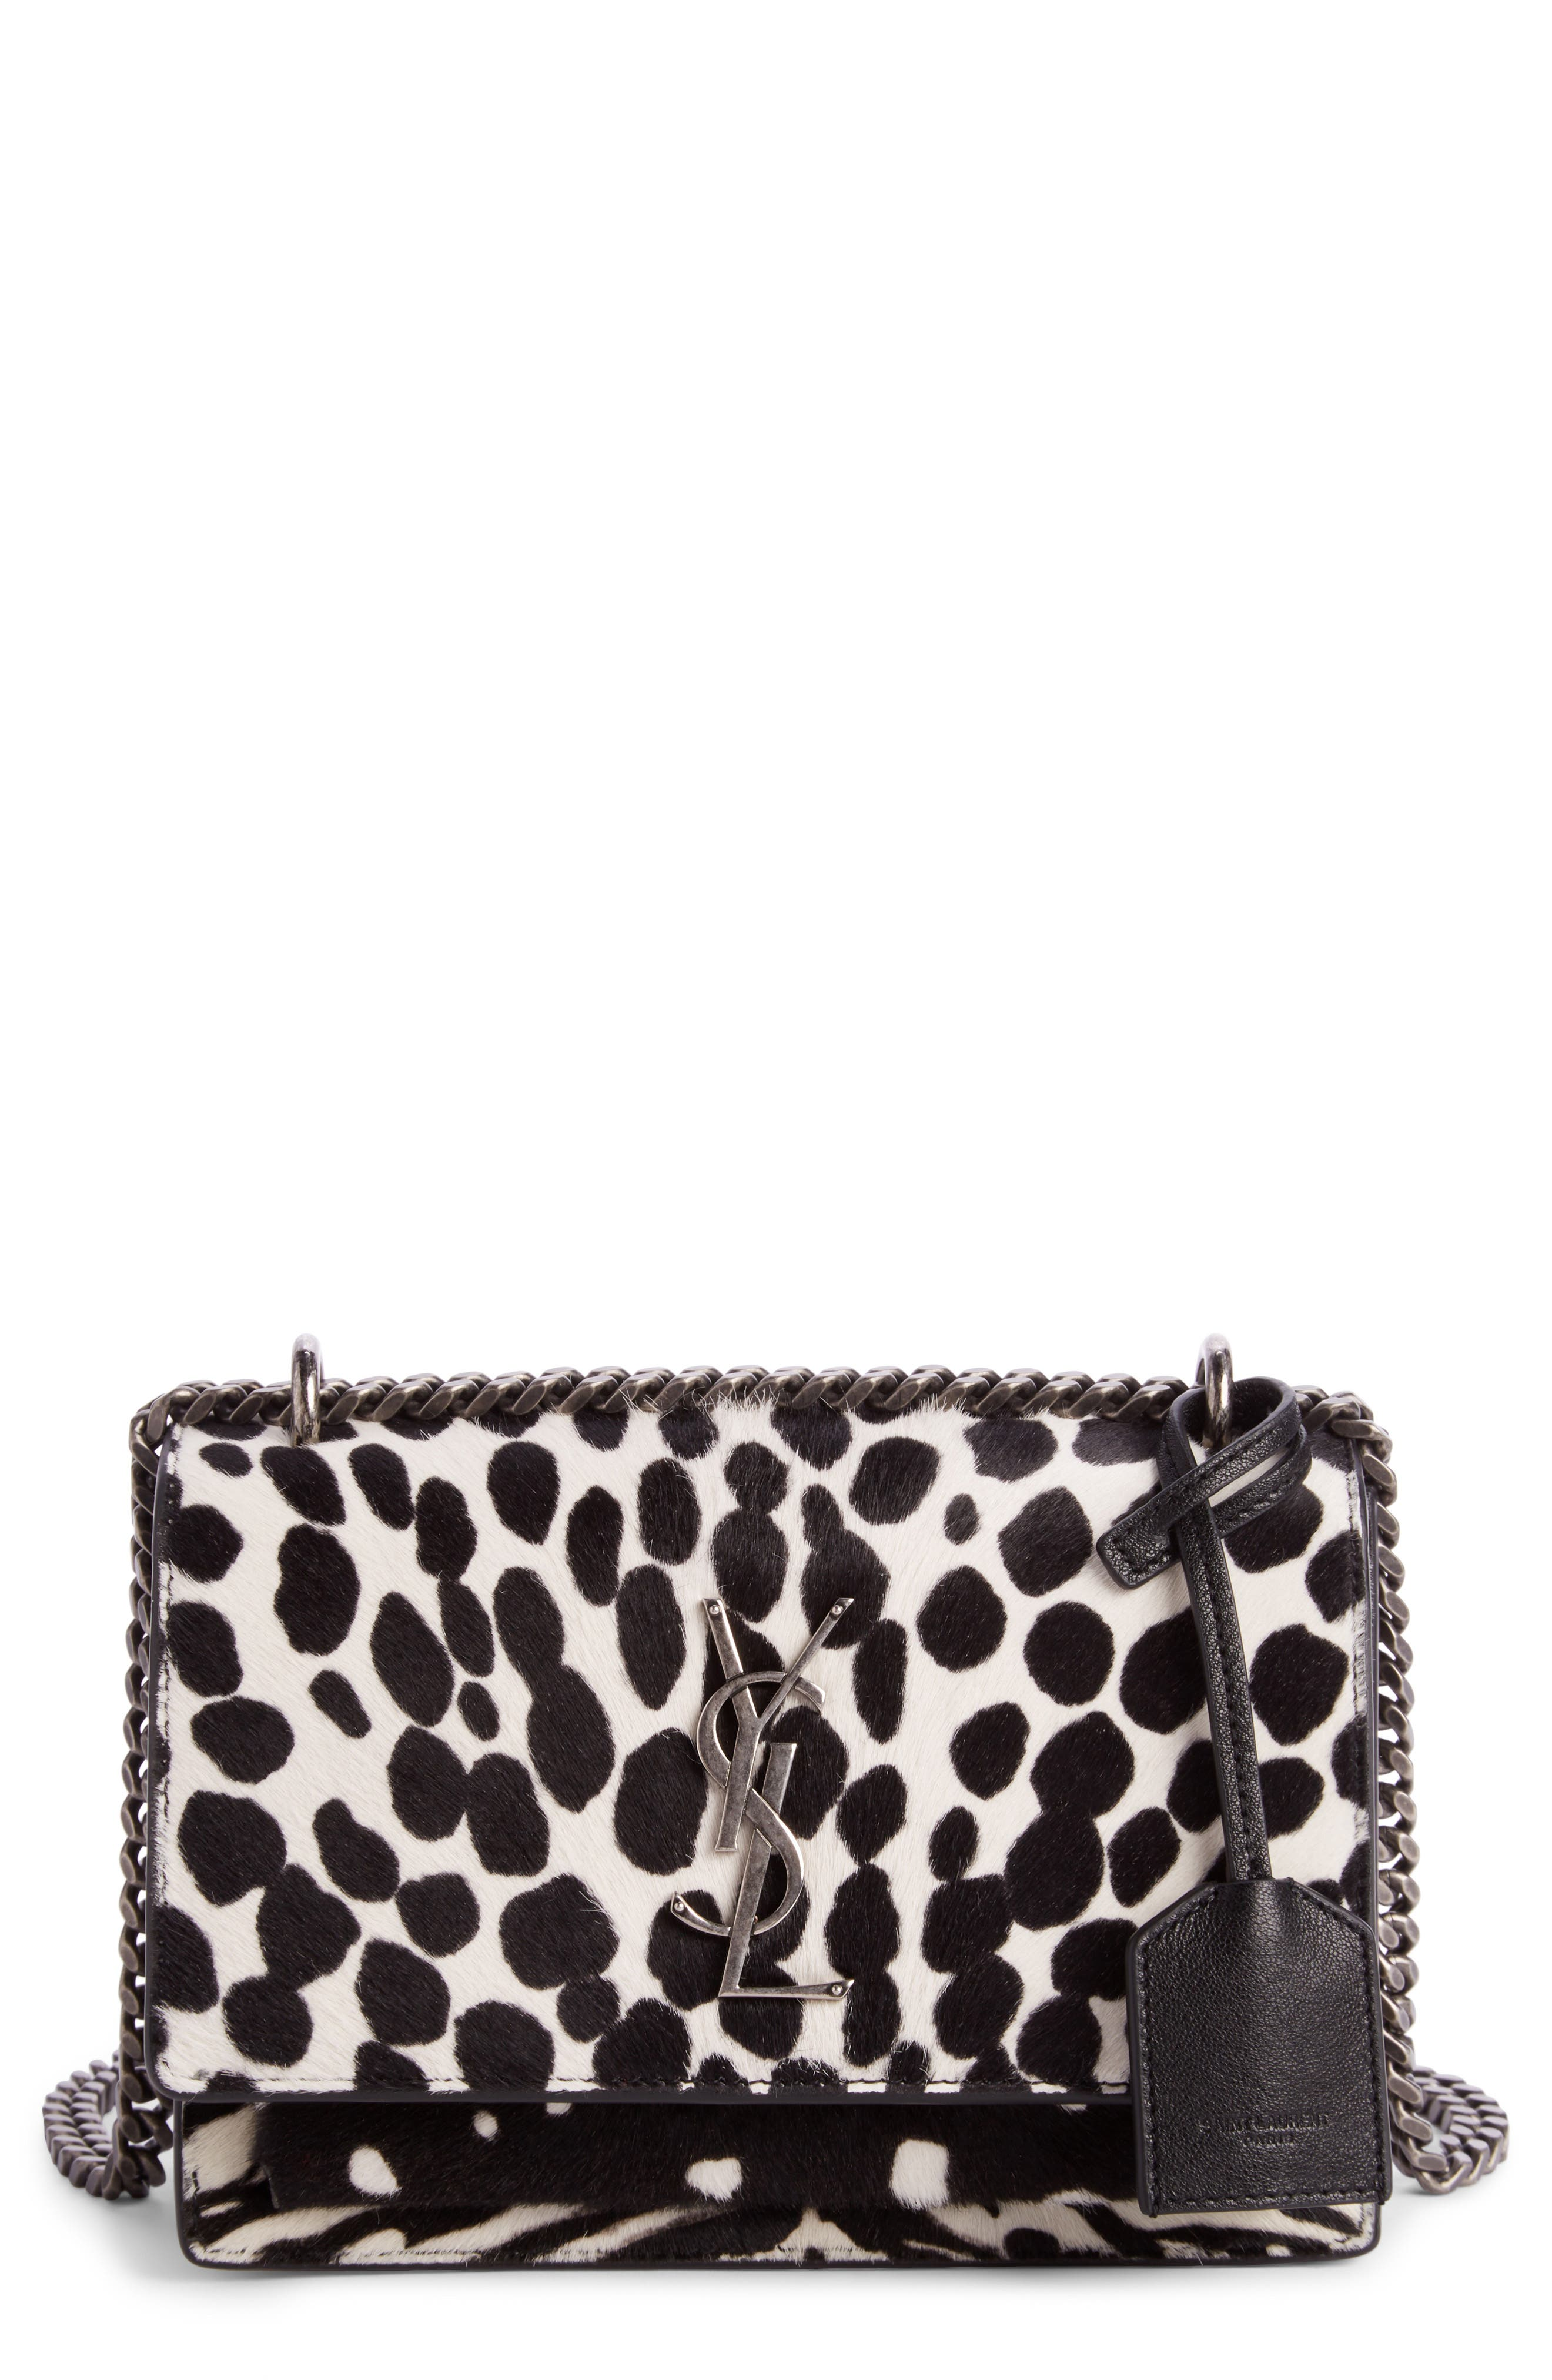 Saint Laurent Mini Sunset Genuine Calf Hair Shoulder Bag